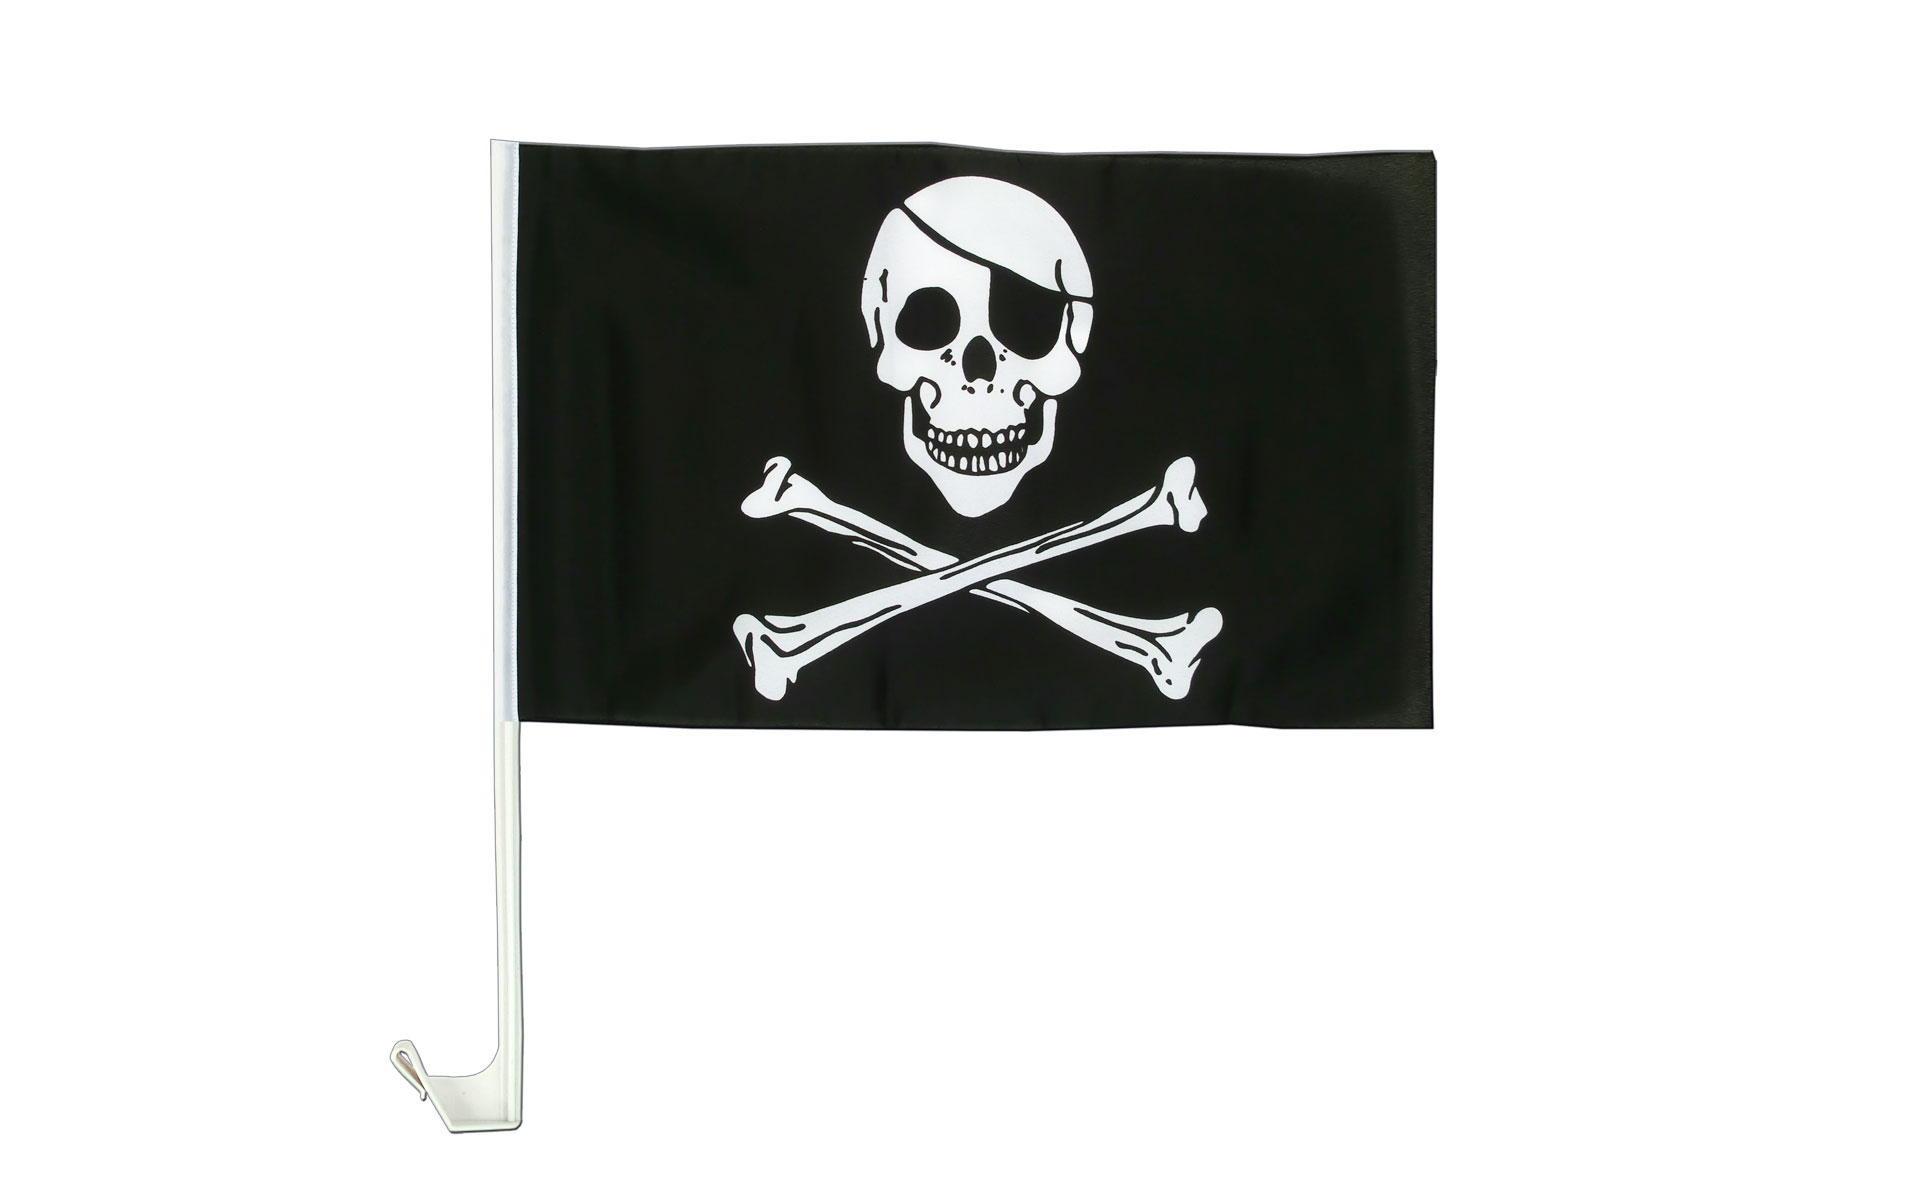 Drapeau pirate pour voiture monsieur des drapeaux - Monsieur pirate ...